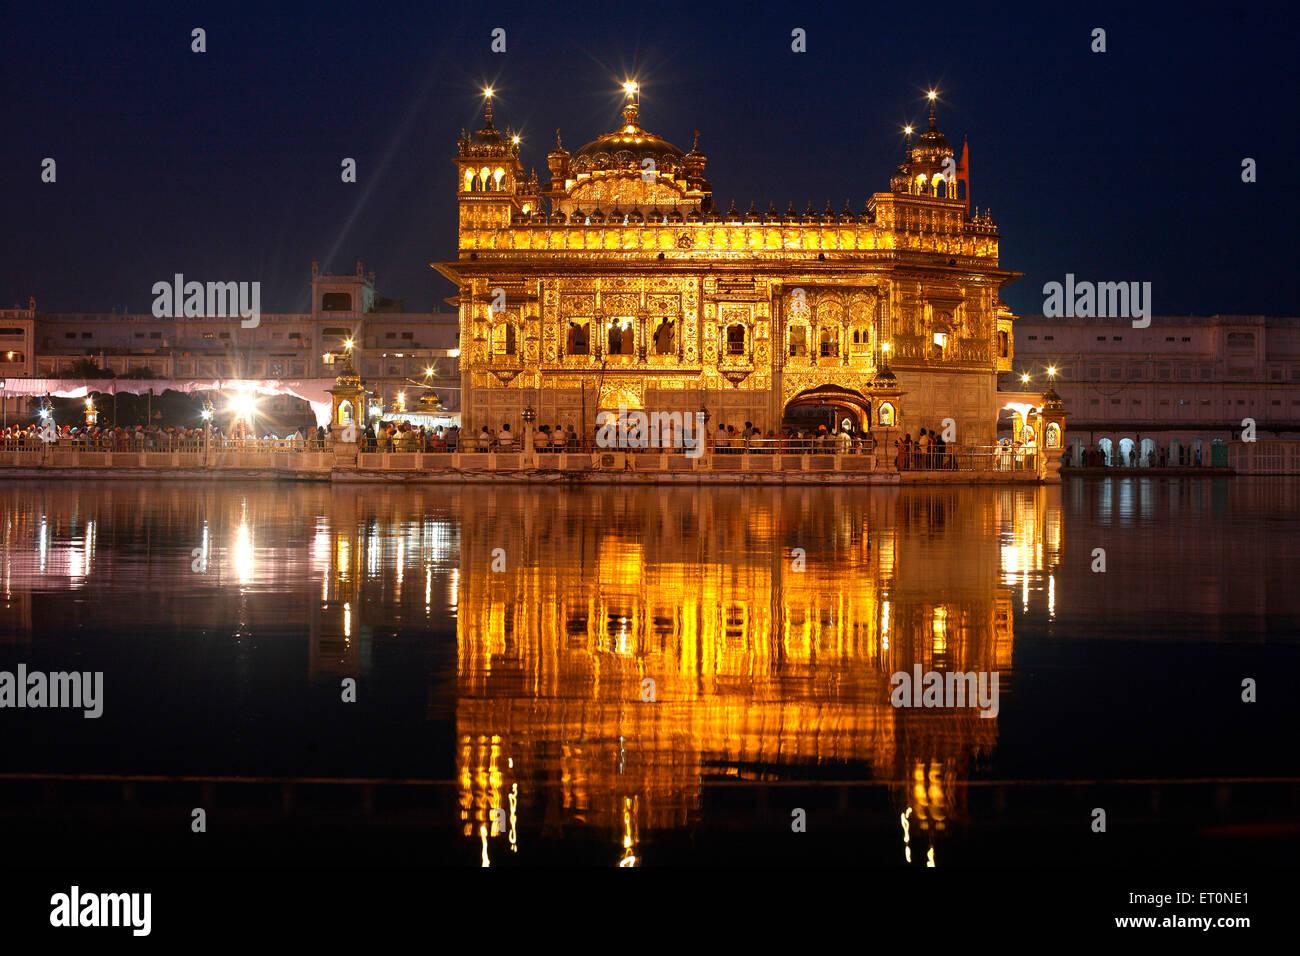 Resplandor de Harmandir Sahib o Darbar Sahib o Templo de Oro en Amritsar, en el lago de reflexión; Punjab India Imagen De Stock